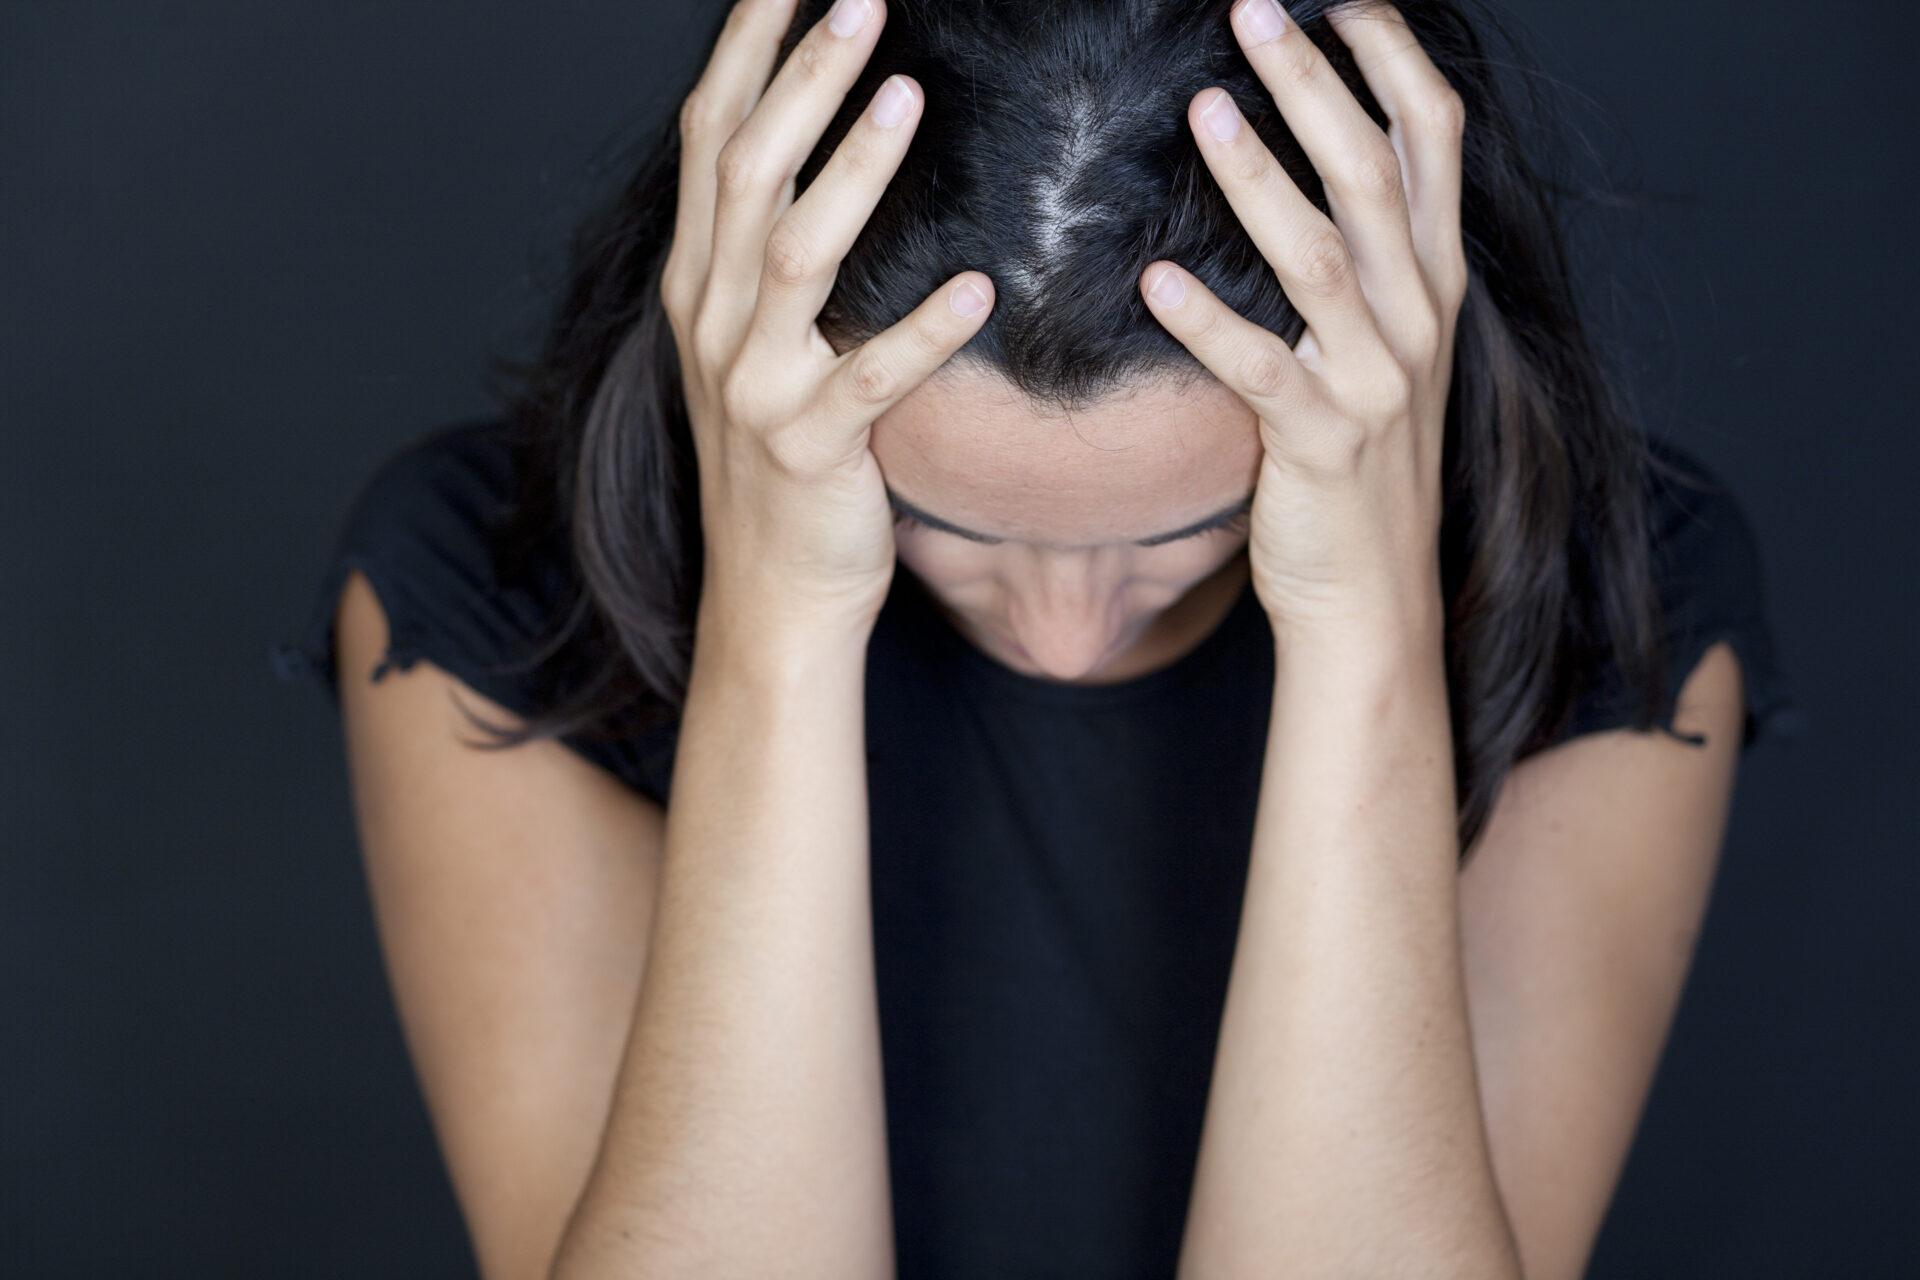 psykoterapi-i-Aarhus-psykoterapi-psykoterapeut-psykologi-psykolog-psykiatri-vivi-hinrichs